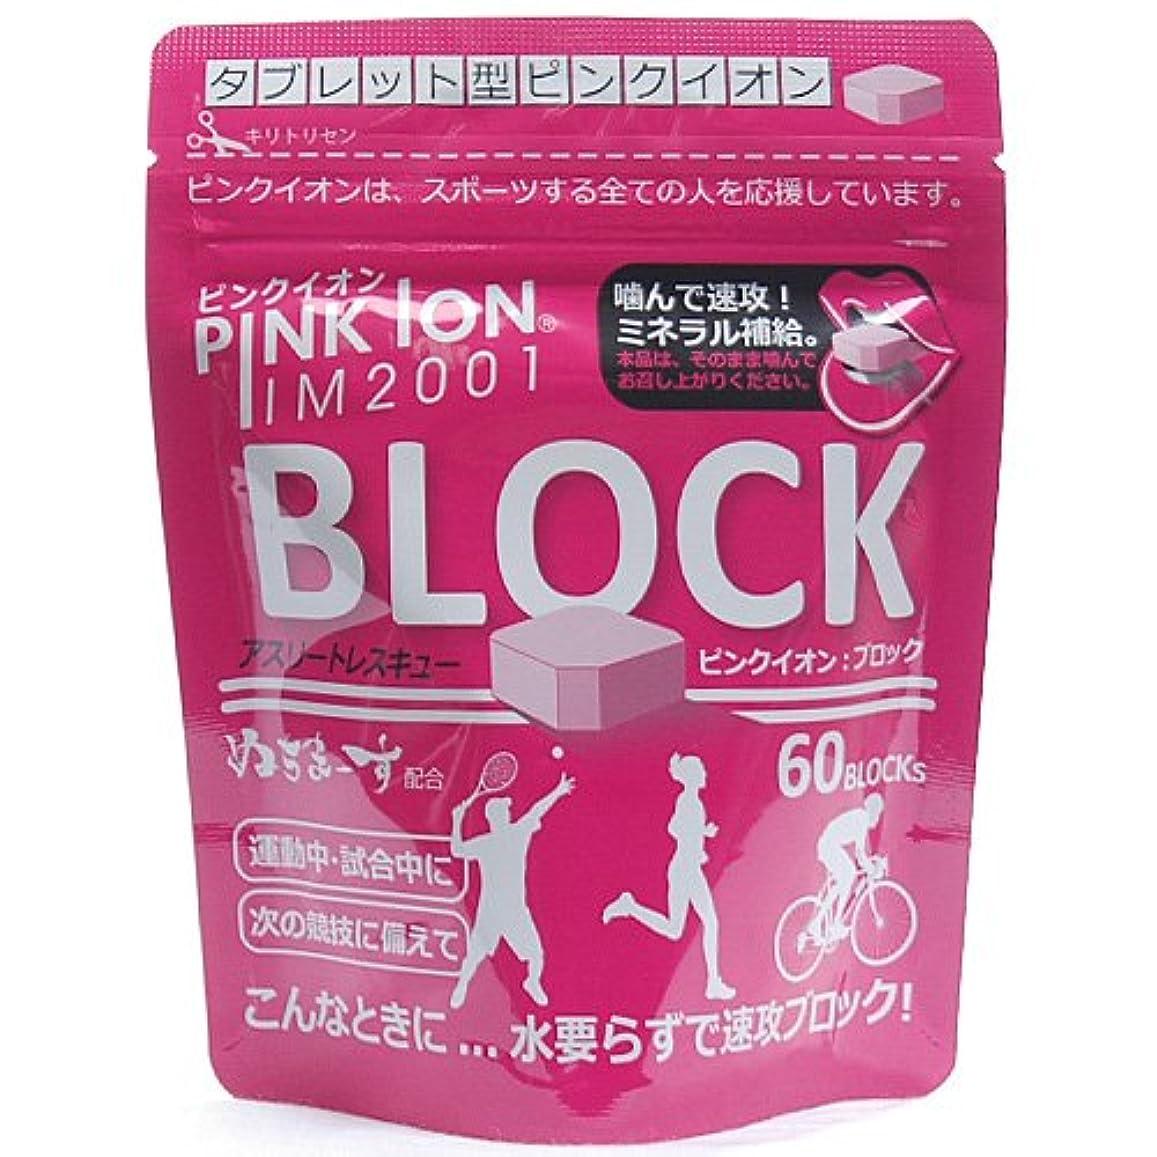 手を差し伸べる三角ブレイズピンクイオン ブロック 90g (1.5g x 60粒入?アルミ袋)(ミネラル?アミノ酸補給食品)